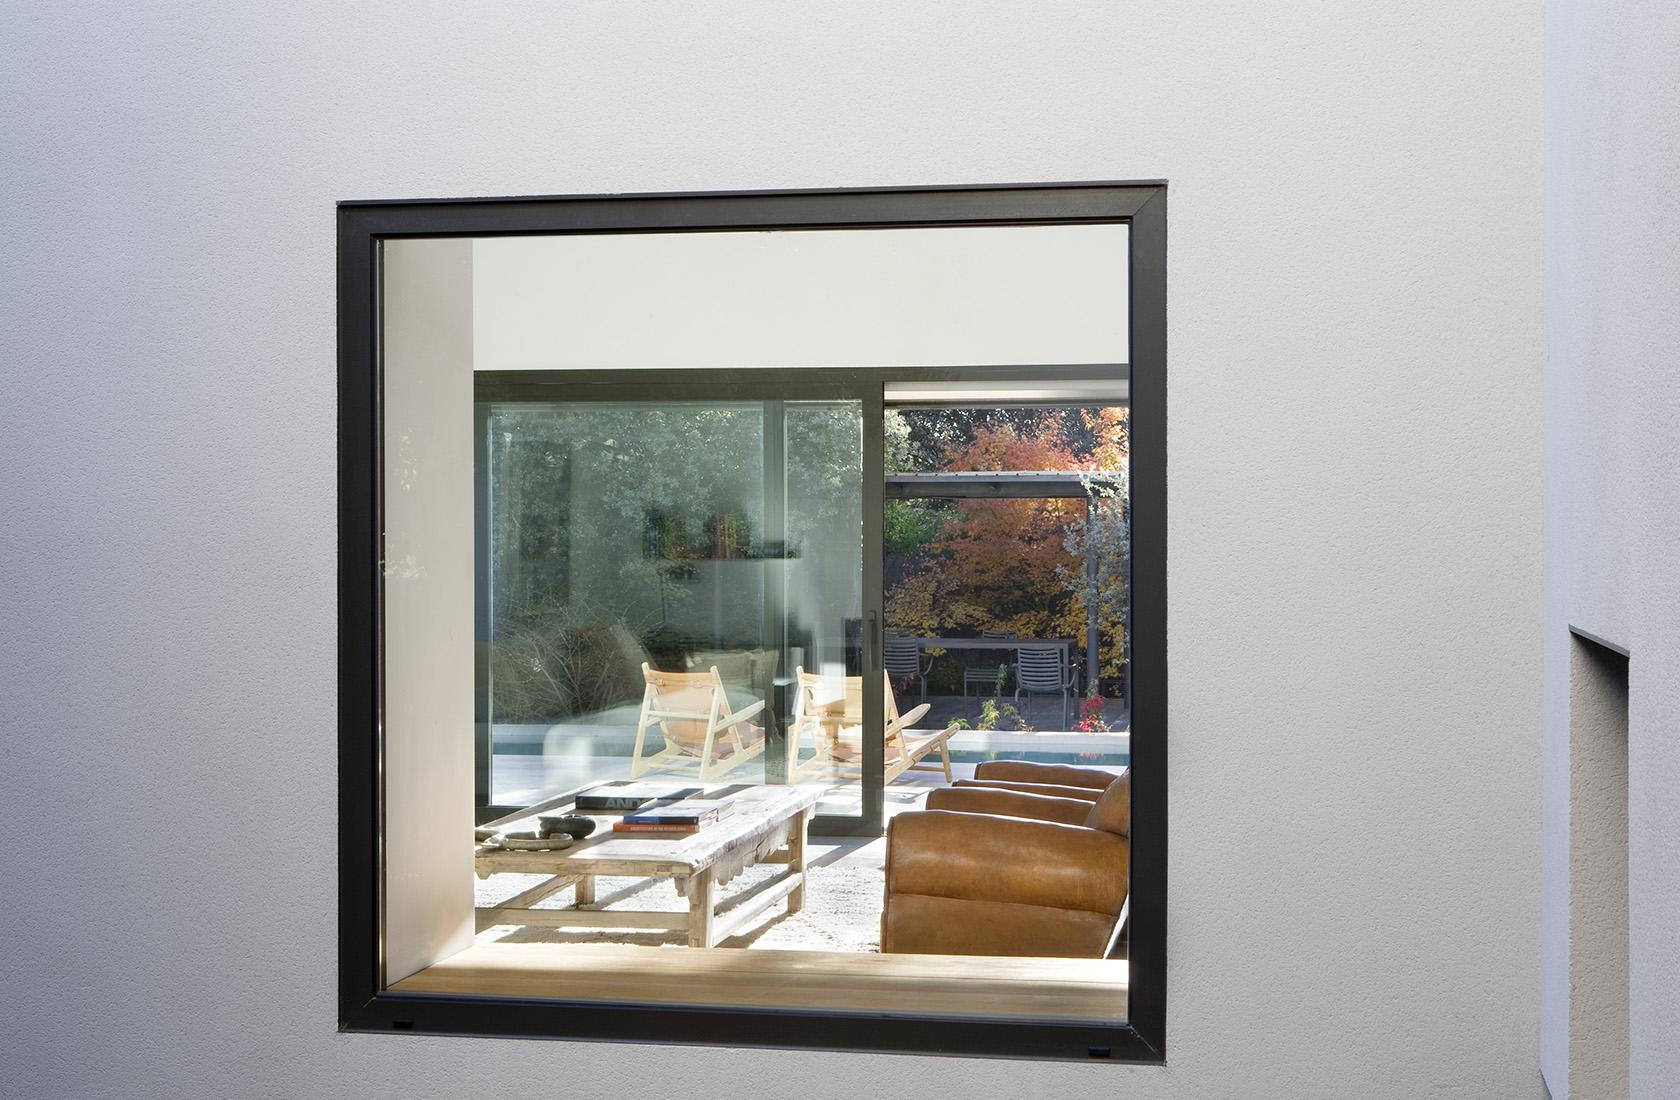 Detalle de la carpintería a medida en ventanas, sede ÁBATON Arquitectura